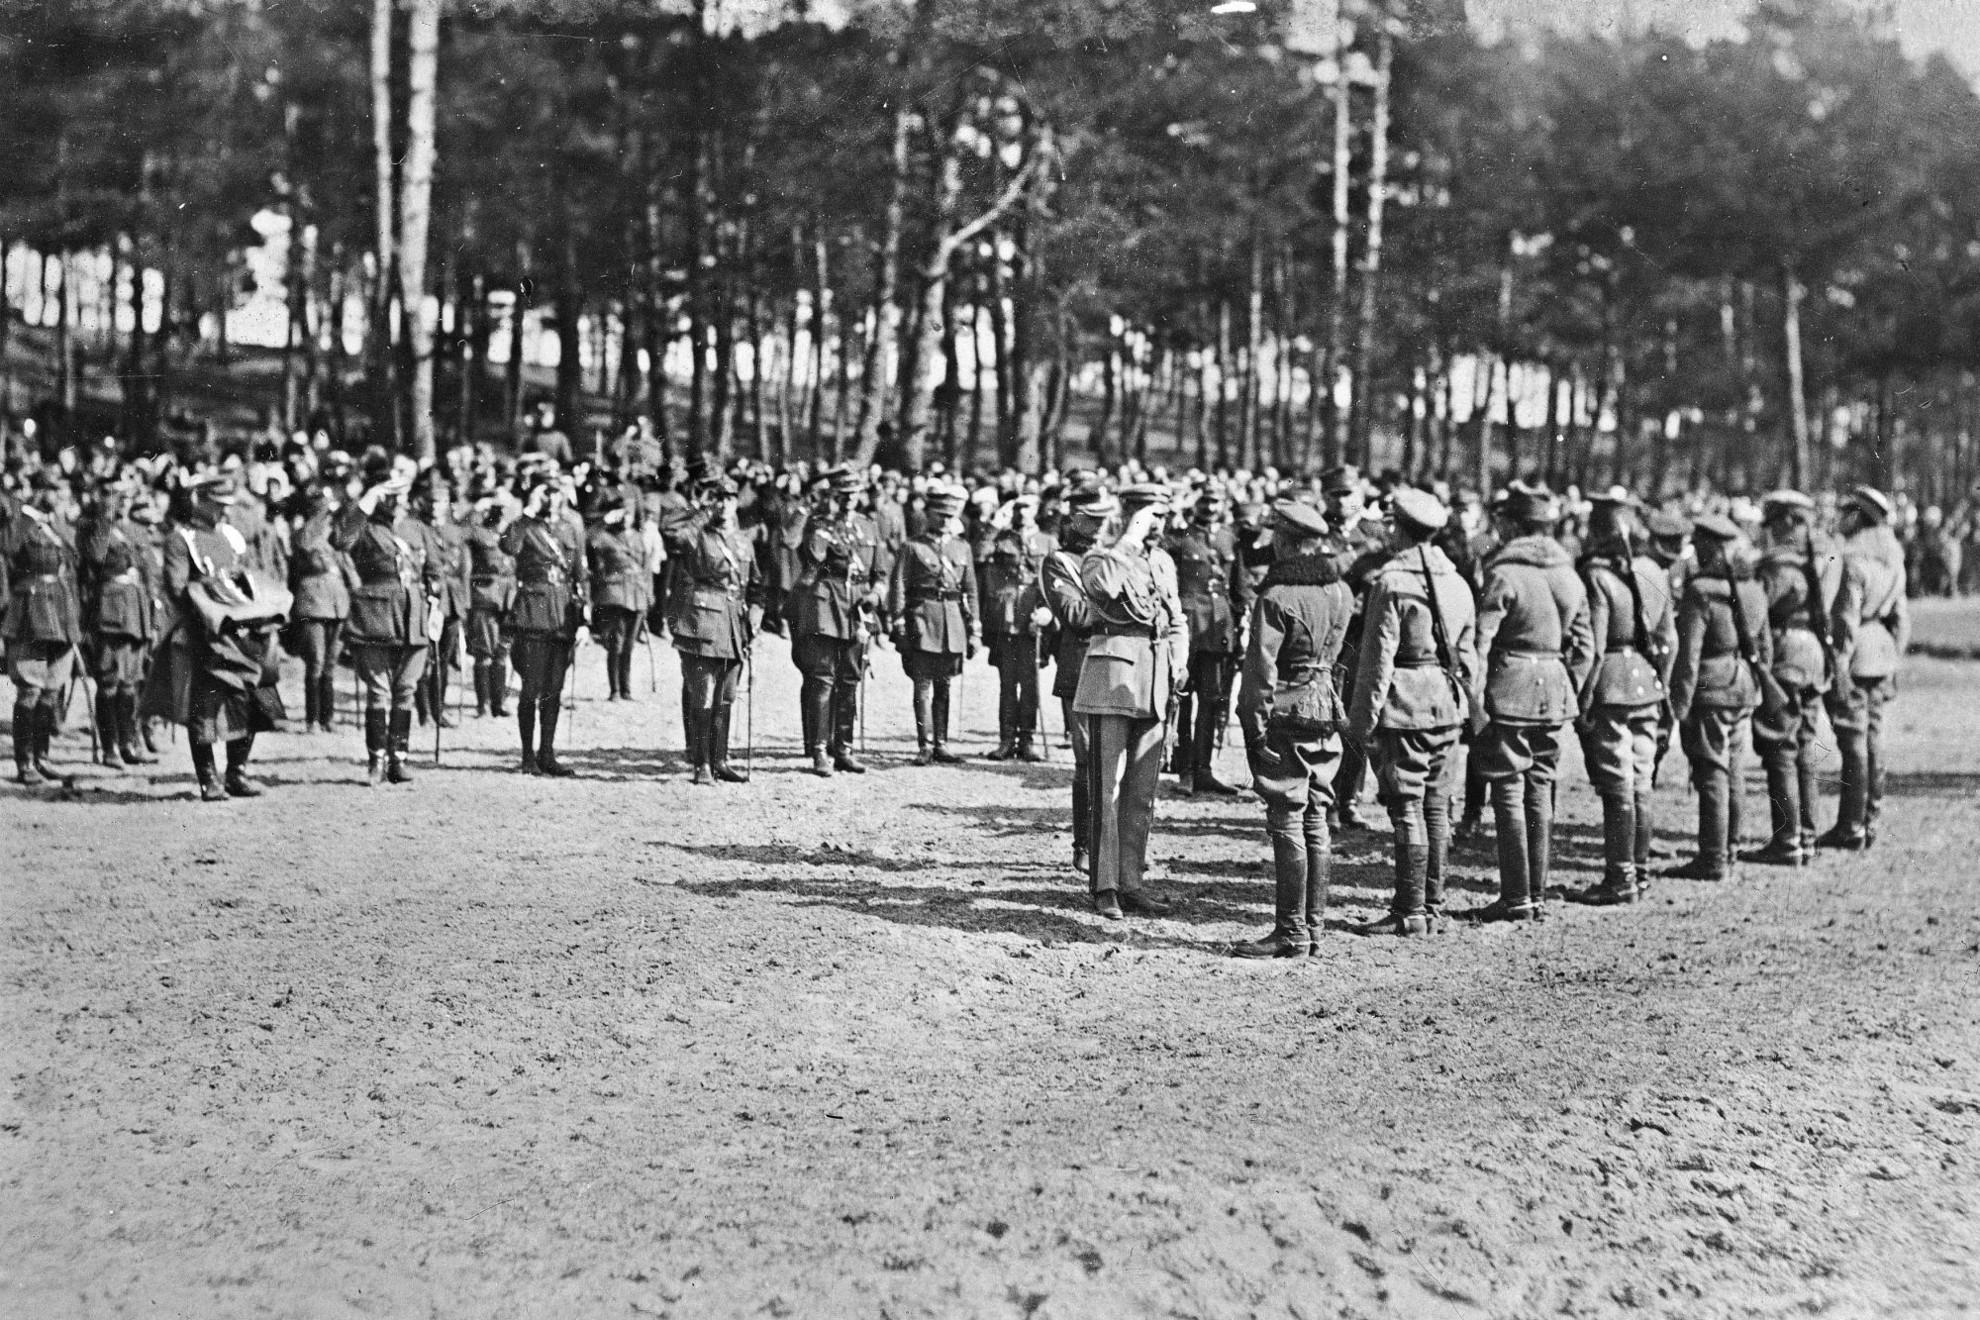 Józef Piłsudski marsall tiszteletadása